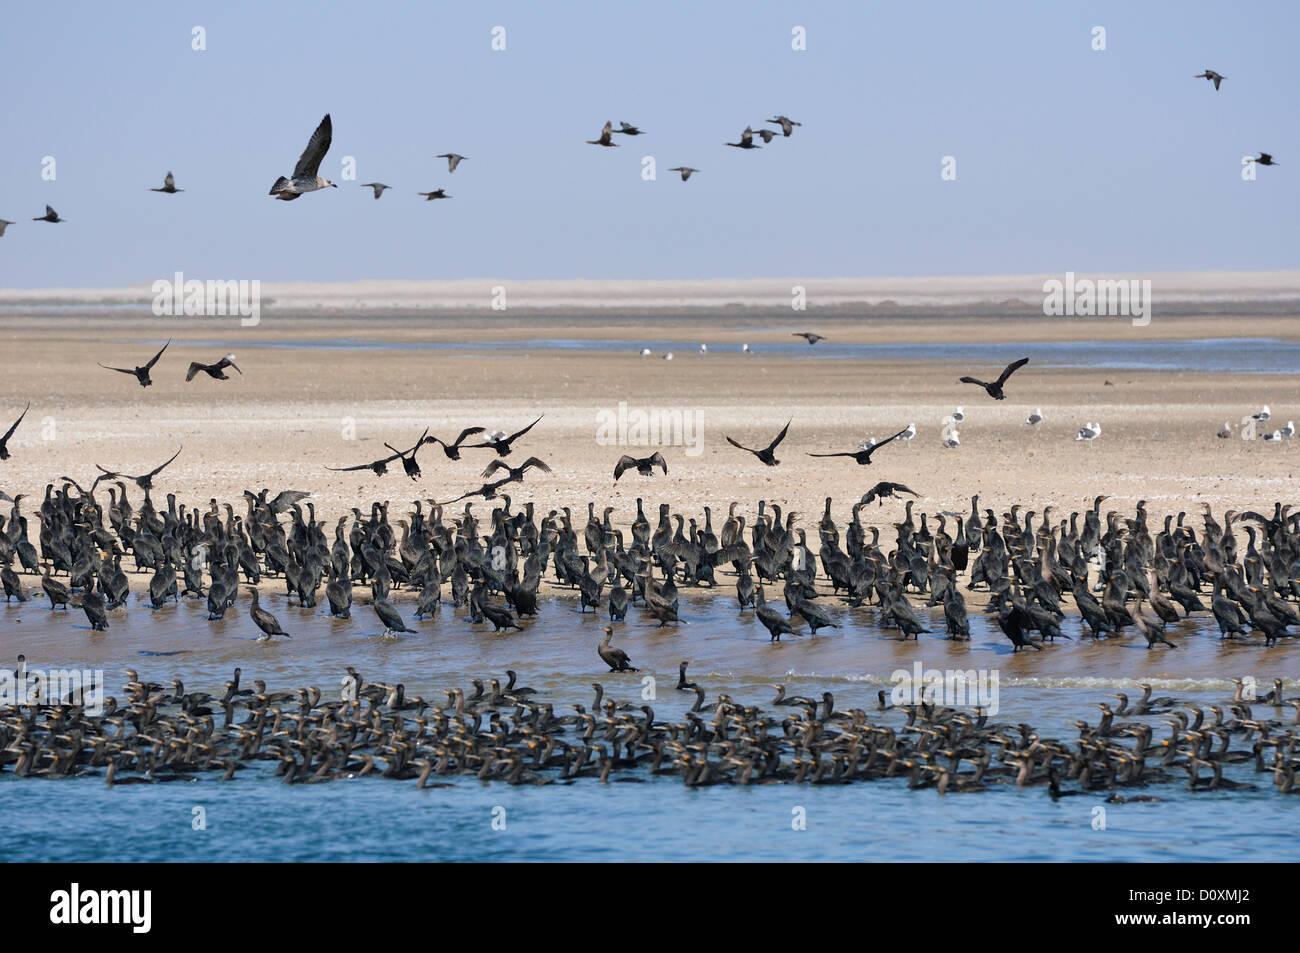 Africa, Namibia, Walvis Bay, Cormorants, Colony, birds, swarm, Stock Photo